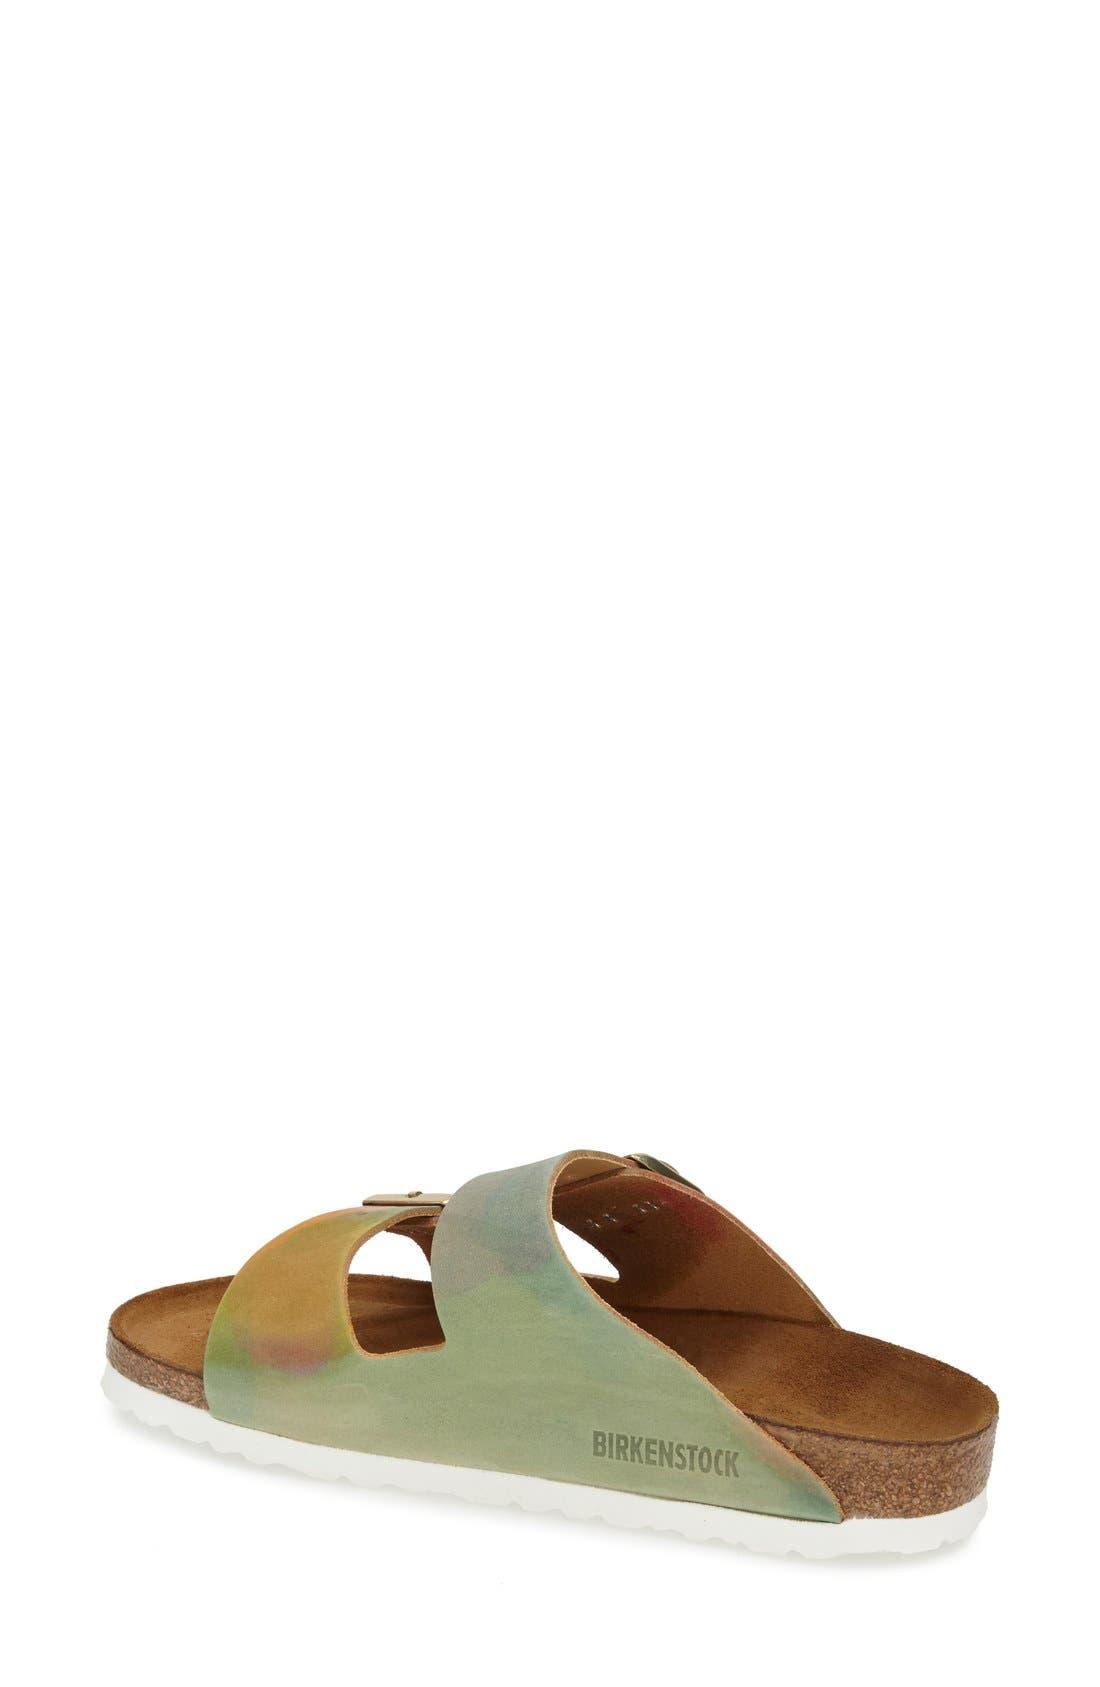 Alternate Image 2  - Birkenstock 'Arizona' Nubuck Leather Sandal (Women)